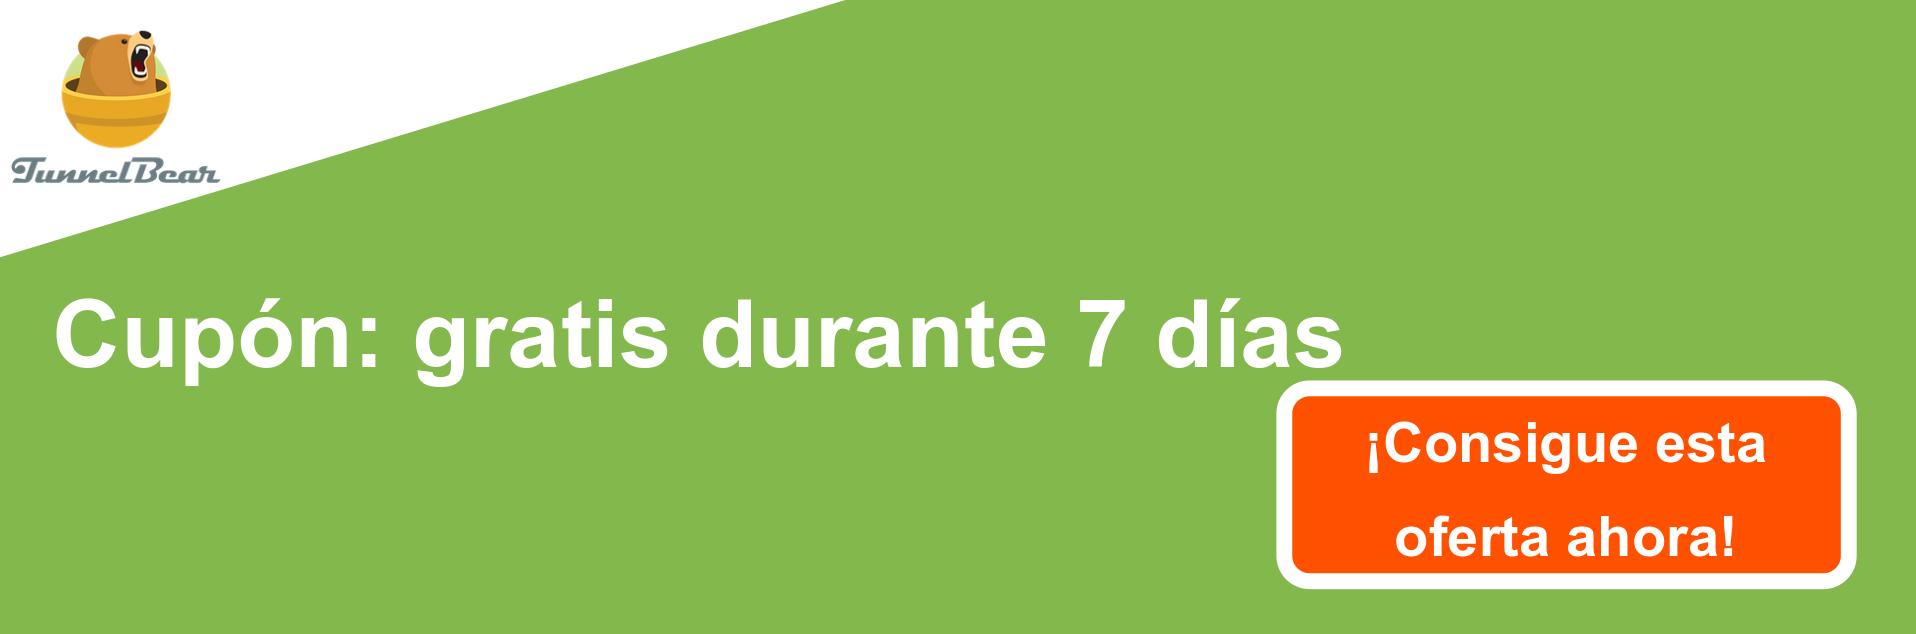 Banner de cupón VPN TunnelBear - 7 días gratis